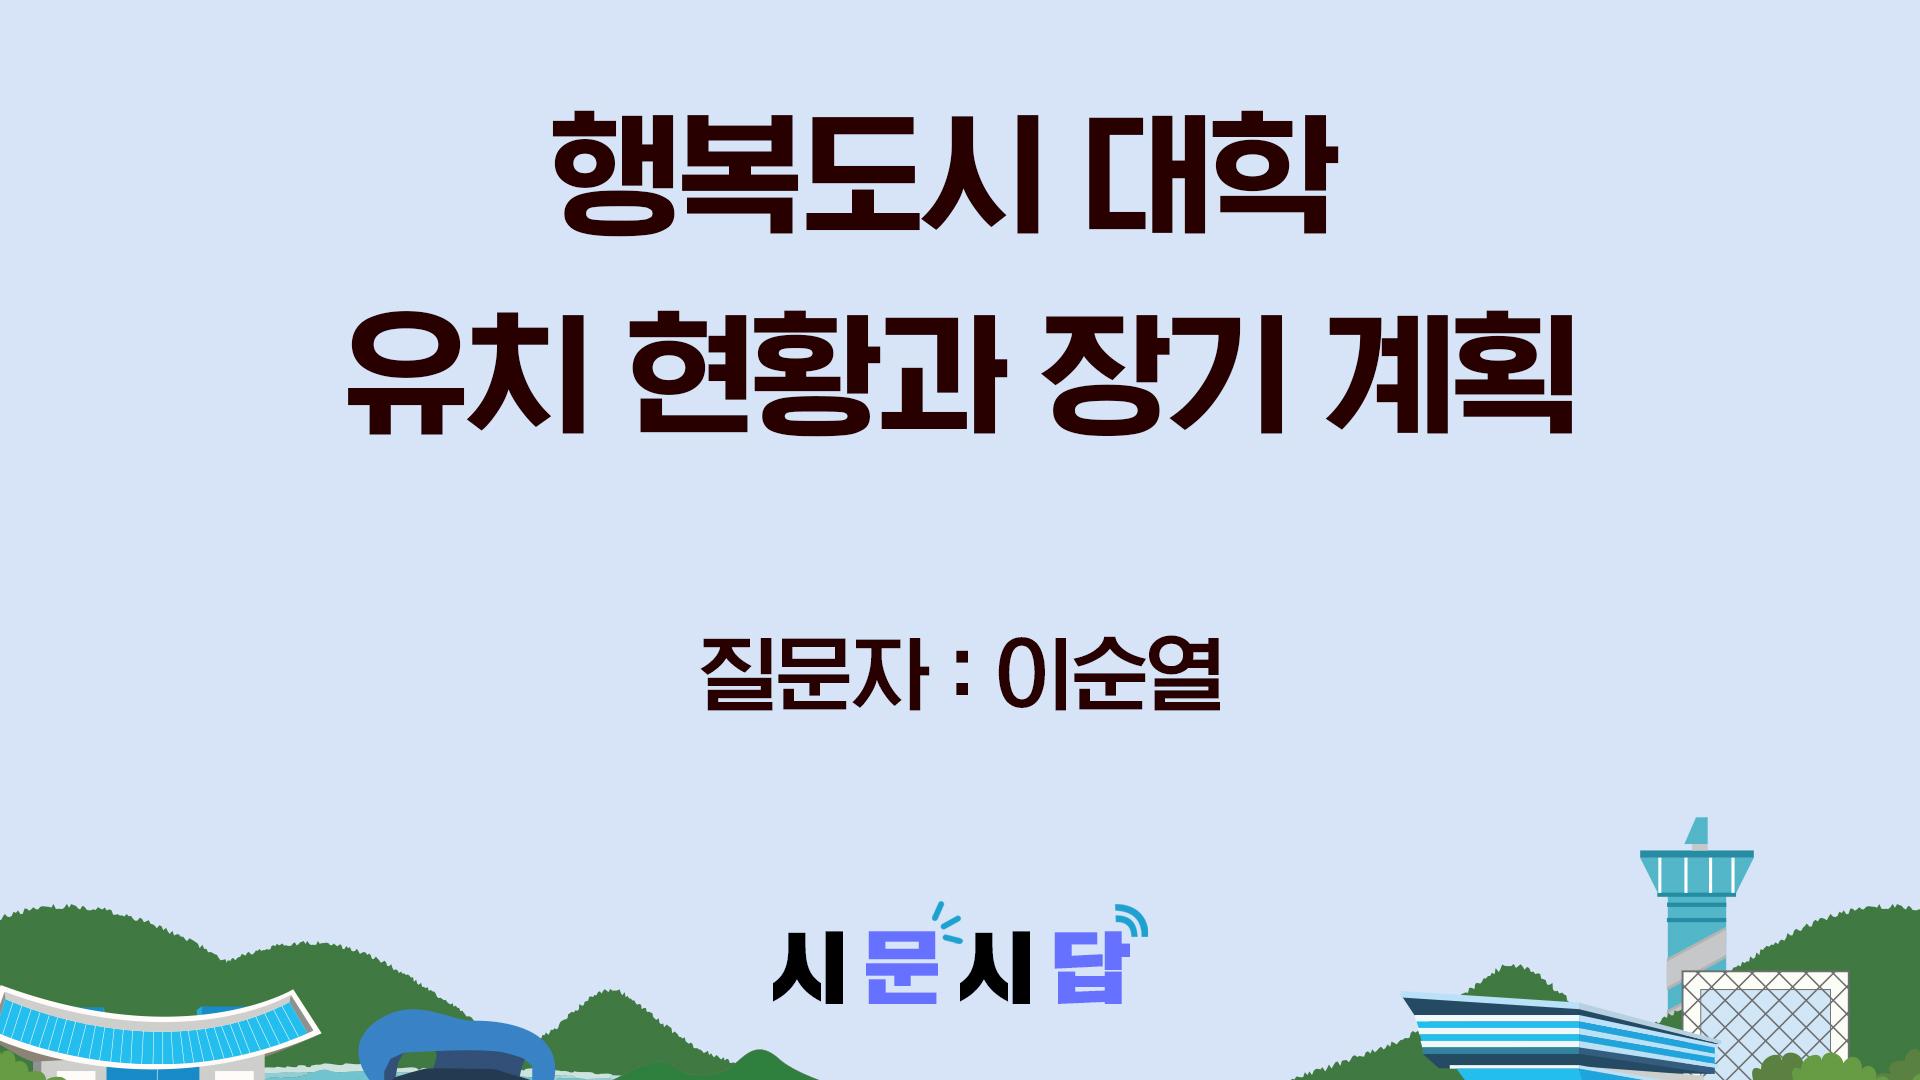 <시문시답> 행복도시 대학 유치 현황과 장기 계획